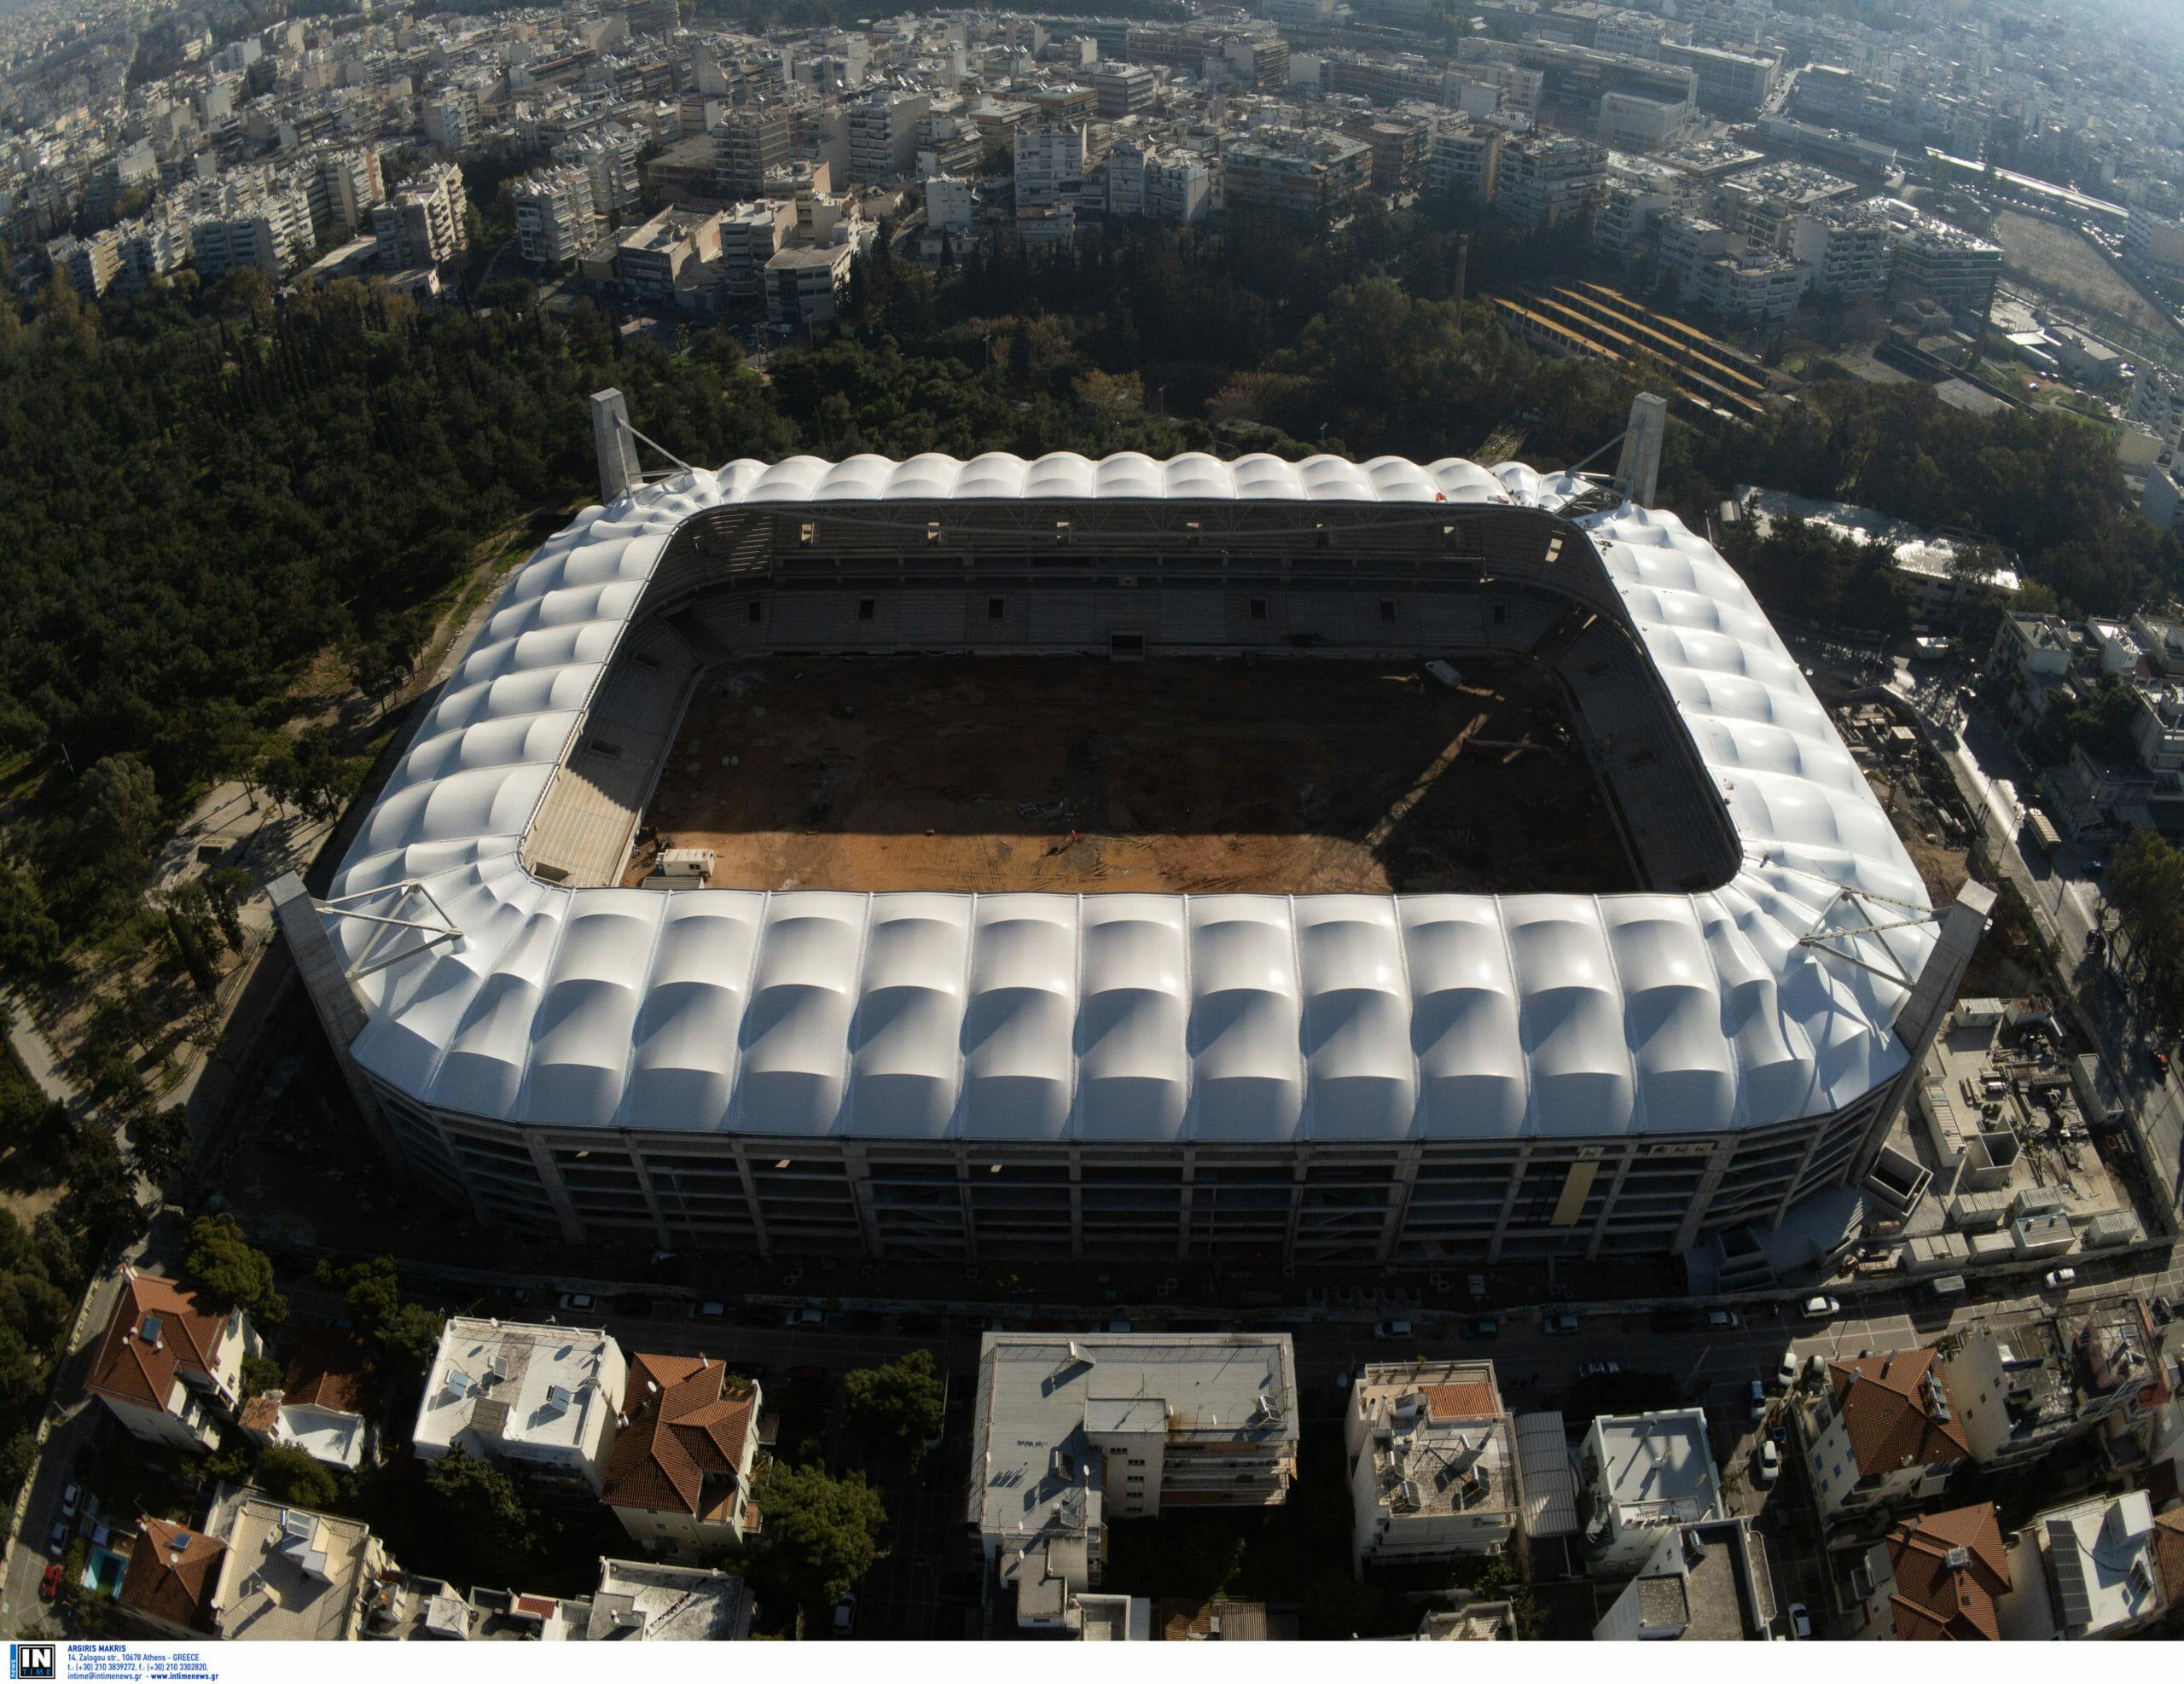 """Γήπεδο ΑΕΚ: Συγκλονιστικό video! Το σκέπαστρο της """"Αγιά Σοφιάς"""" μέσα από drone"""